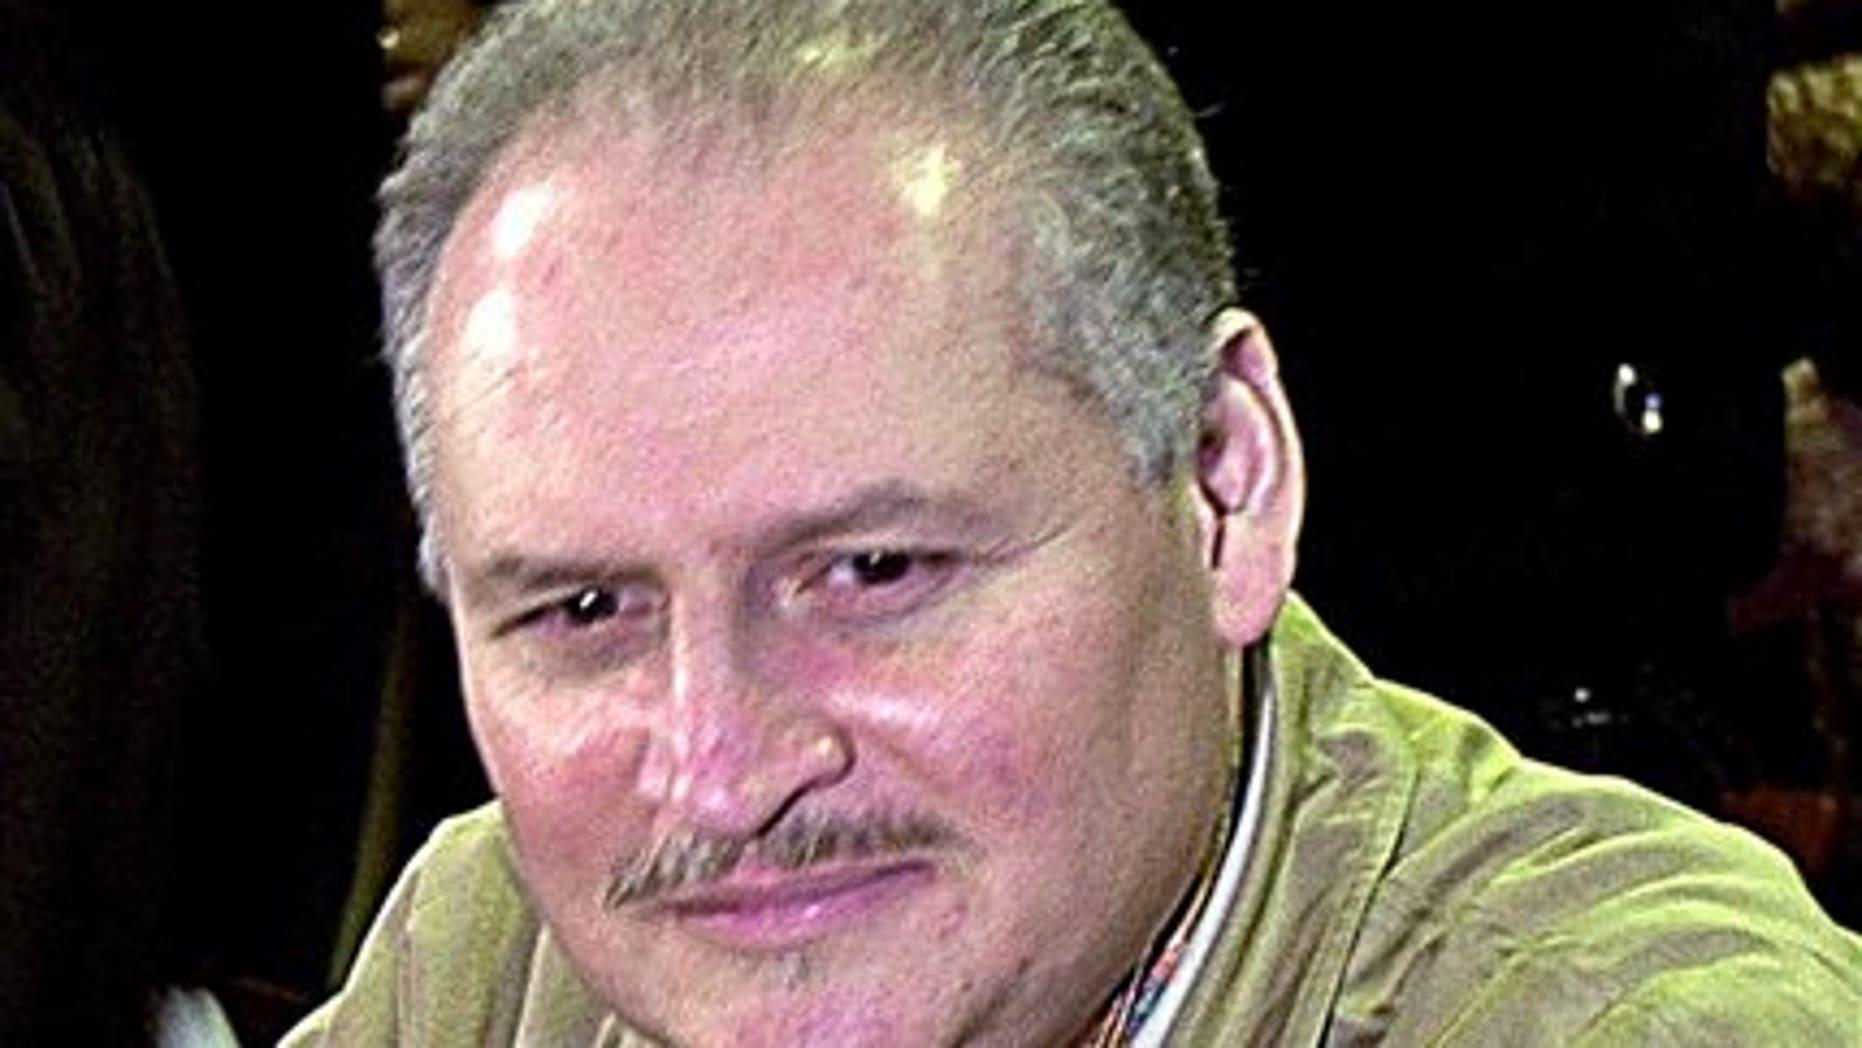 """Ilich Ramírez Sánchez, known as 'Carlos the Jackal,"""" in a Nov. 28, 2000 file photo."""